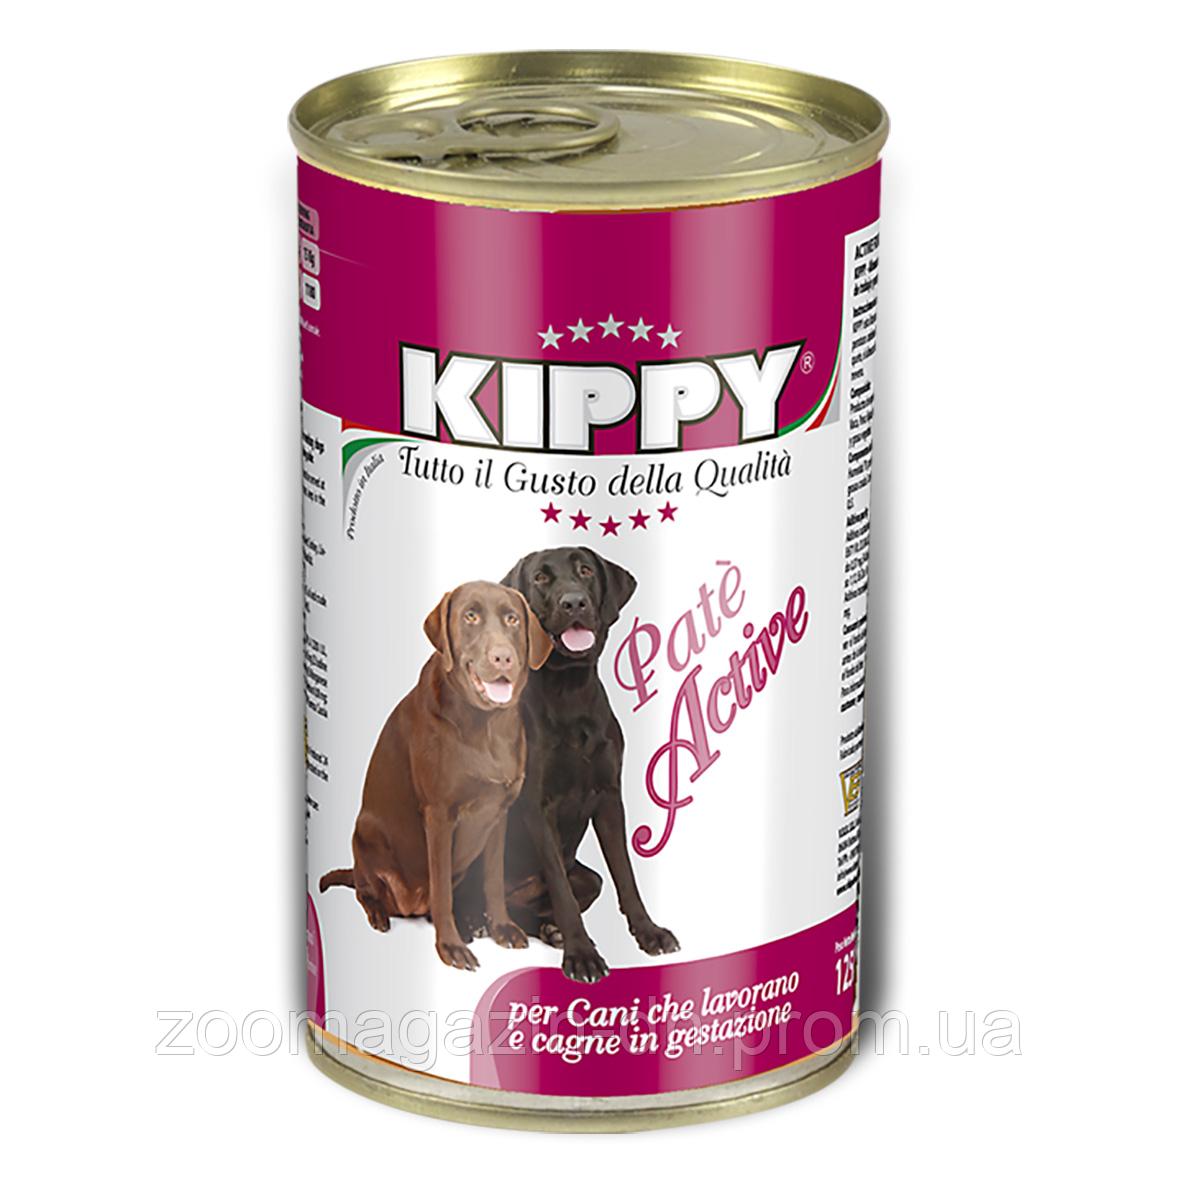 KIPPY Dog 1250g. Active